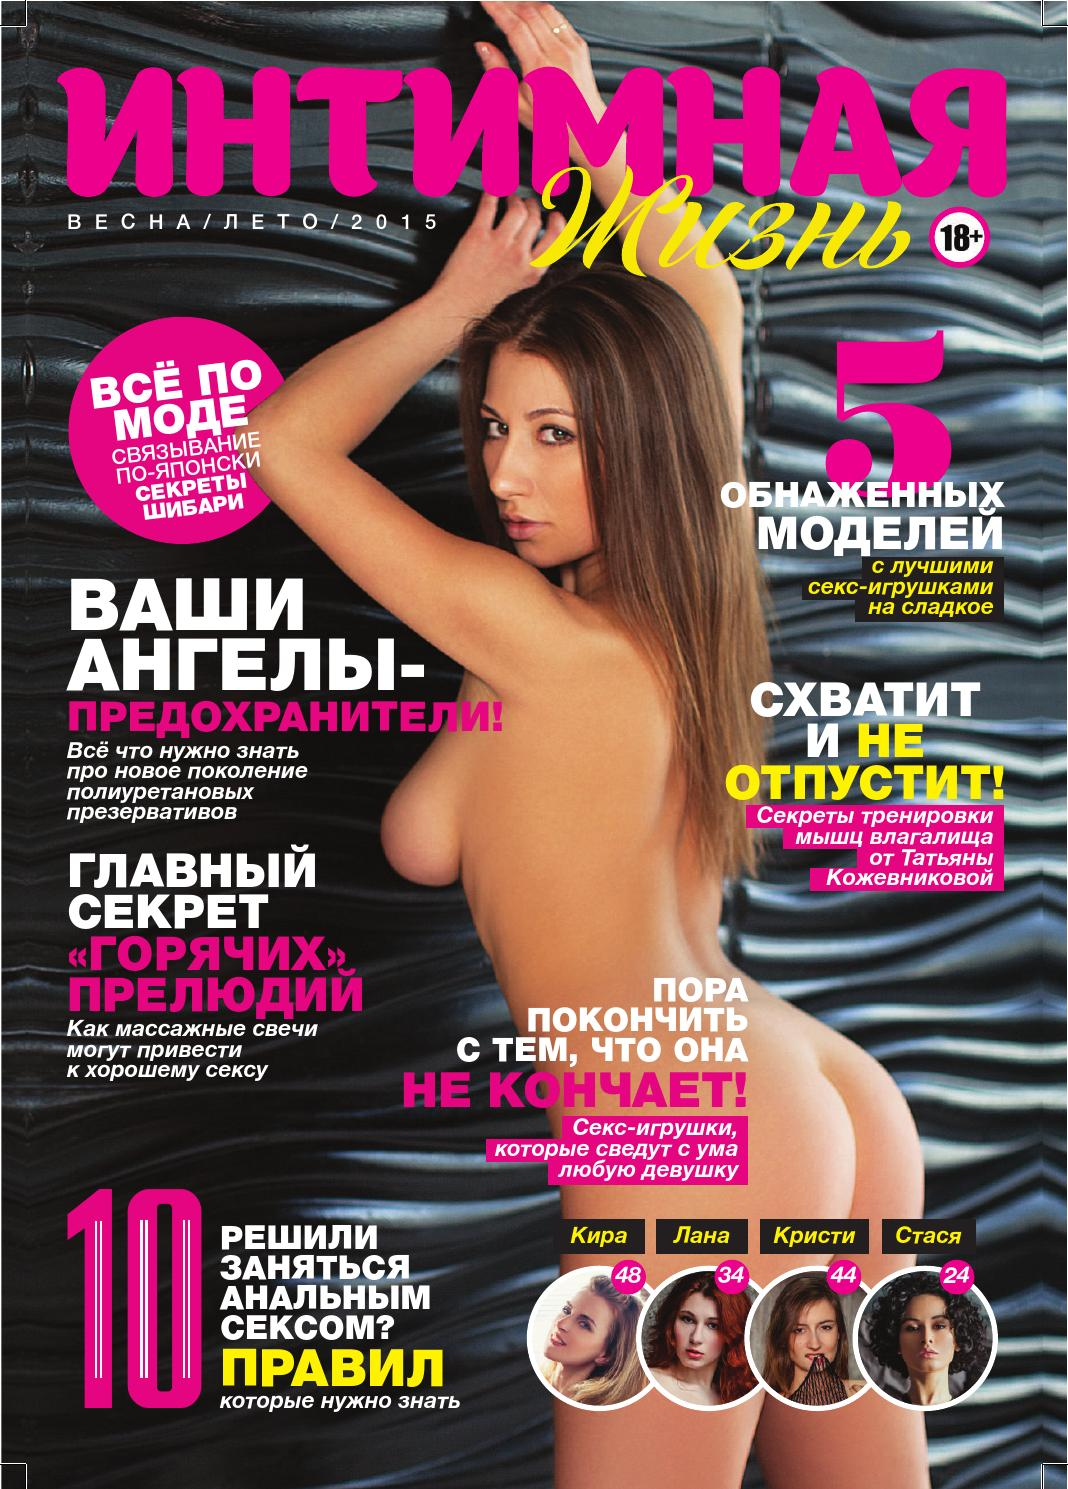 Эротические журналы продаваемые в россии 1 фотография